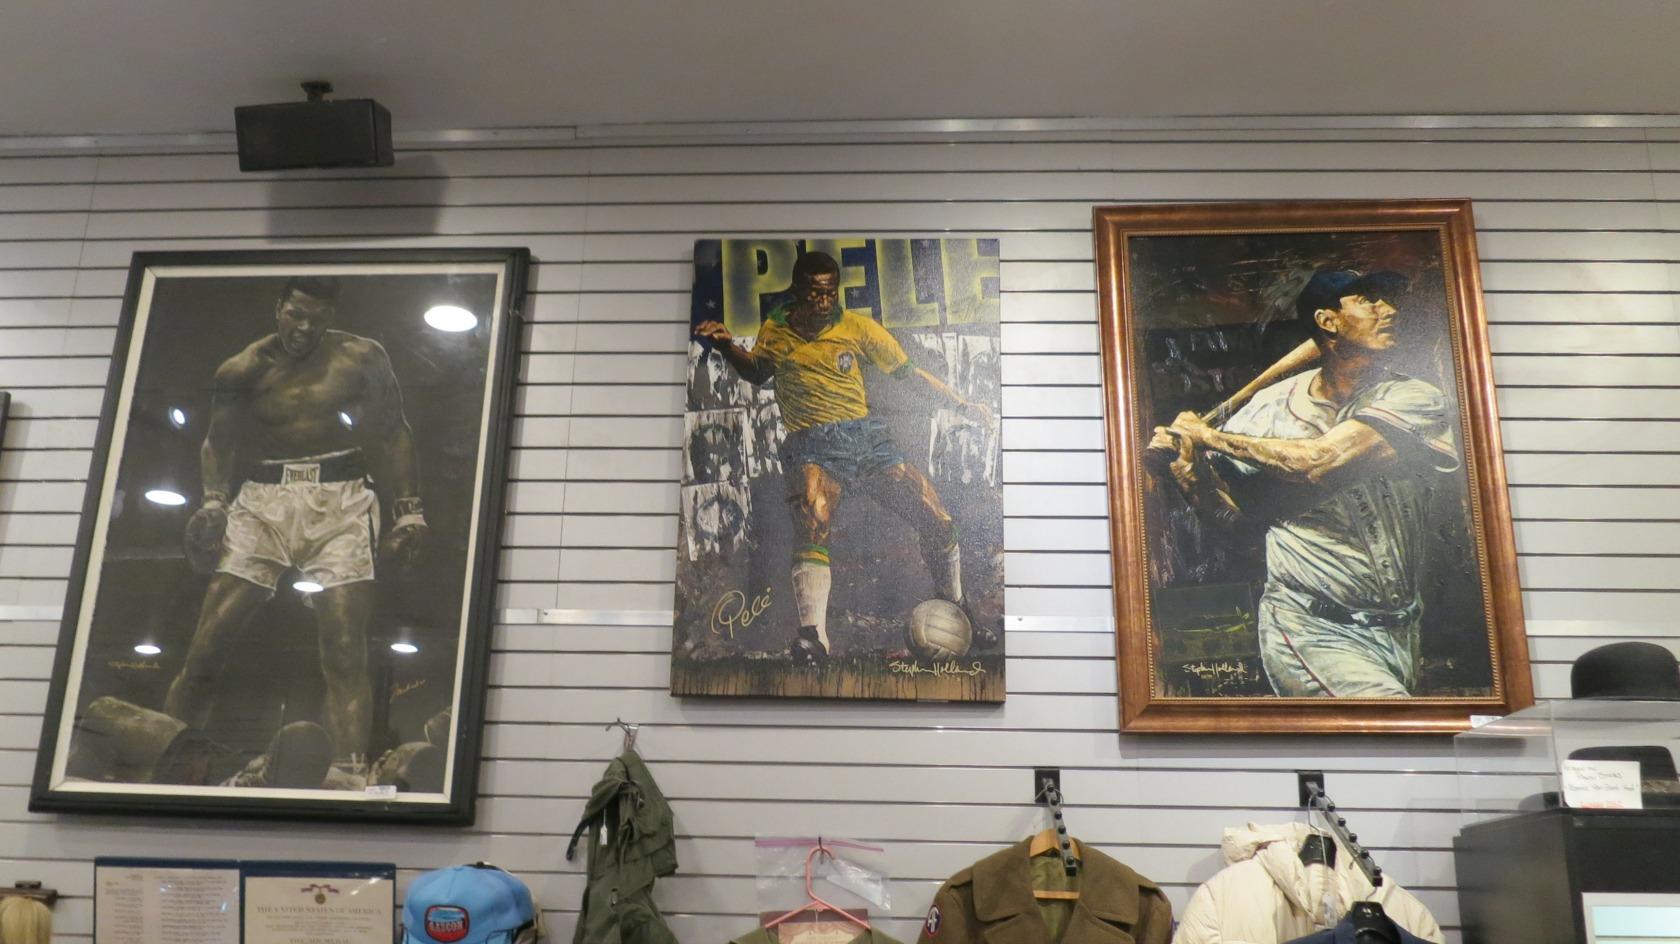 Quadro do Pelé na Loja de Penhores do Trato Feito em Las Vegas